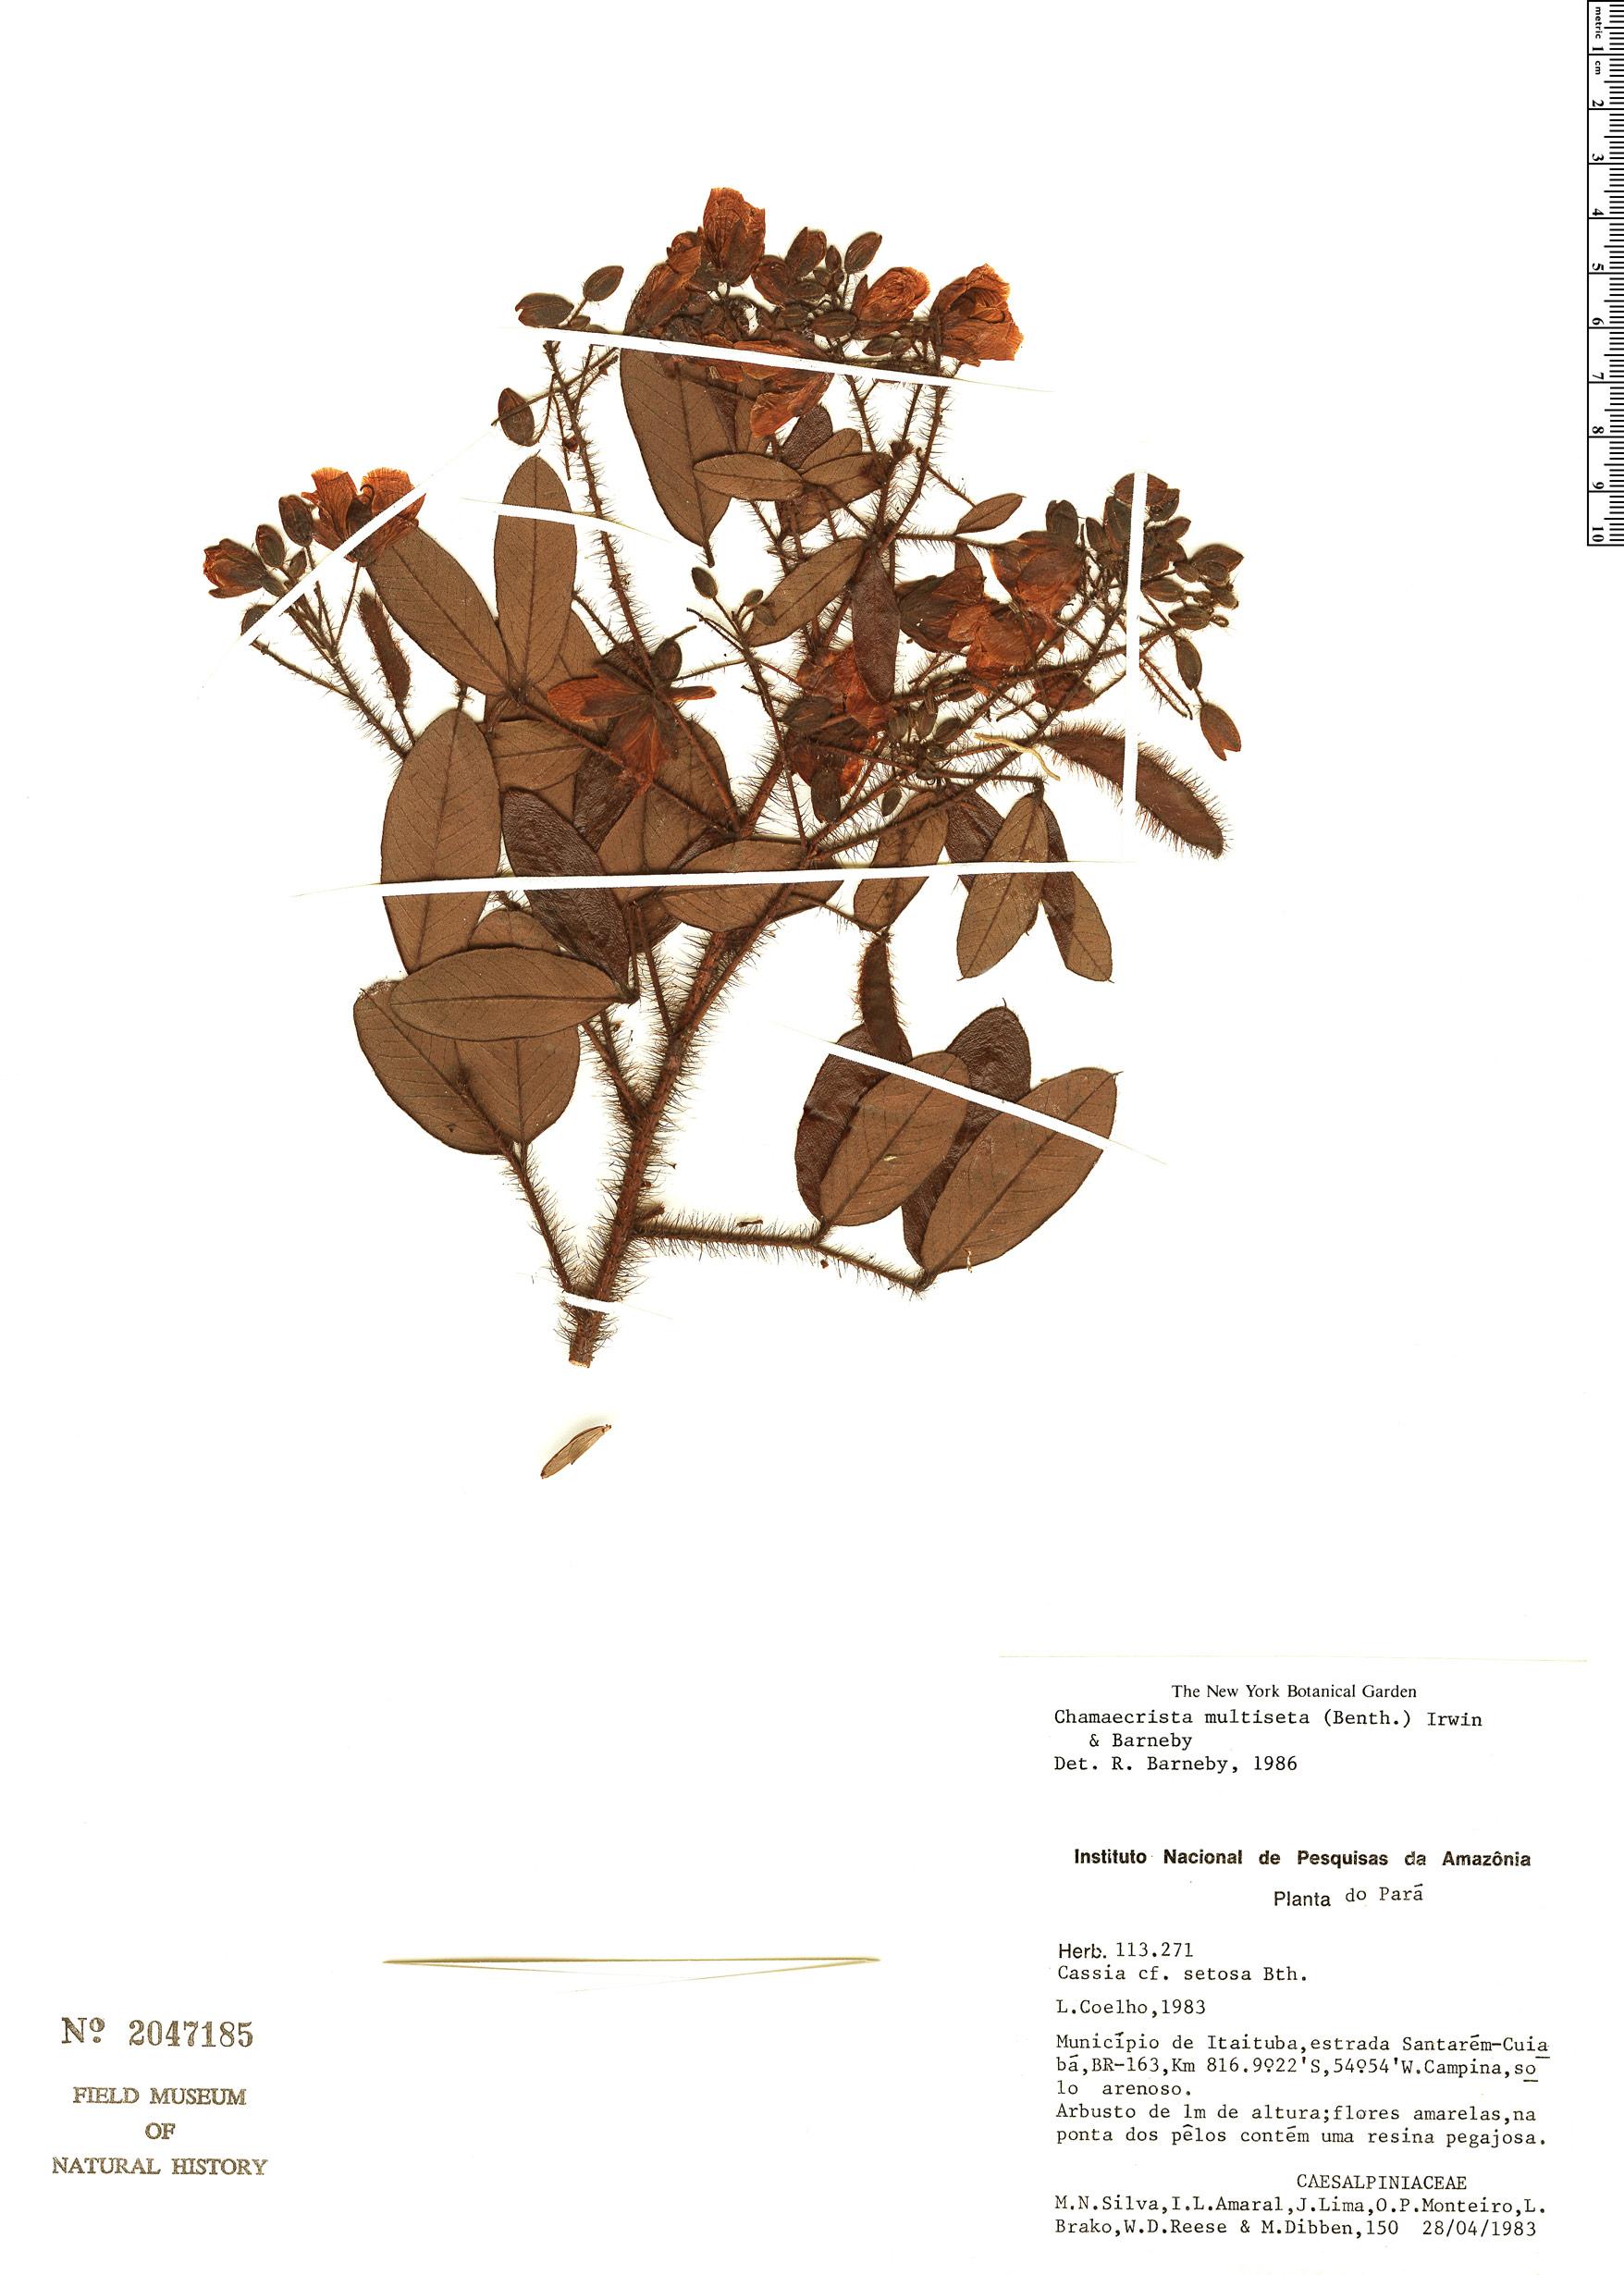 Specimen: Chamaecrista multiseta